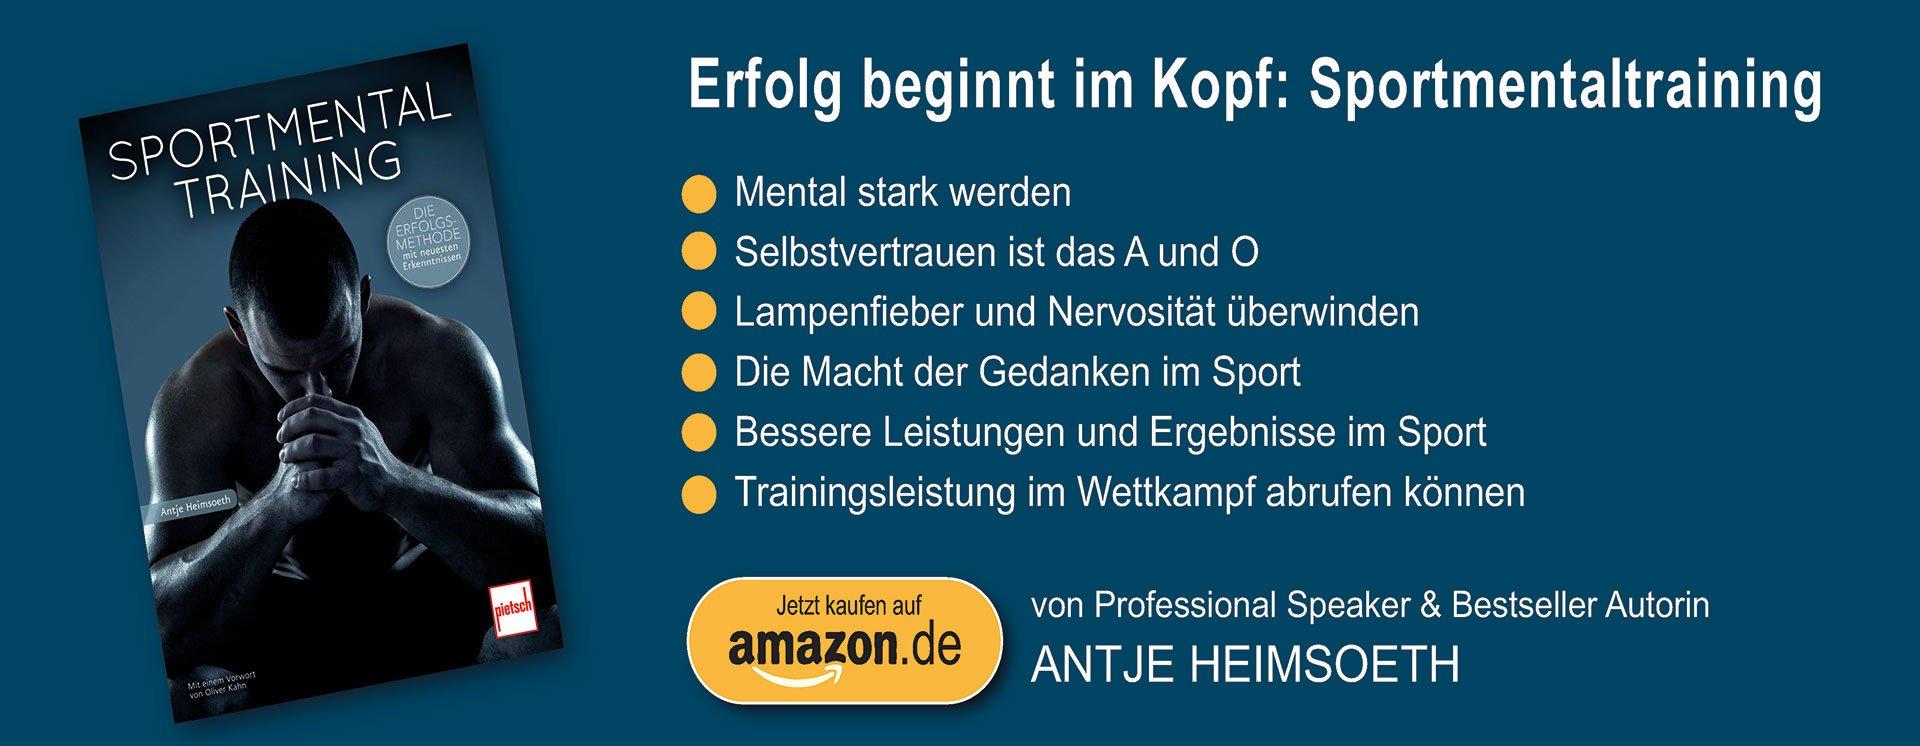 Sportmentaltraining Antje Heimsoeth